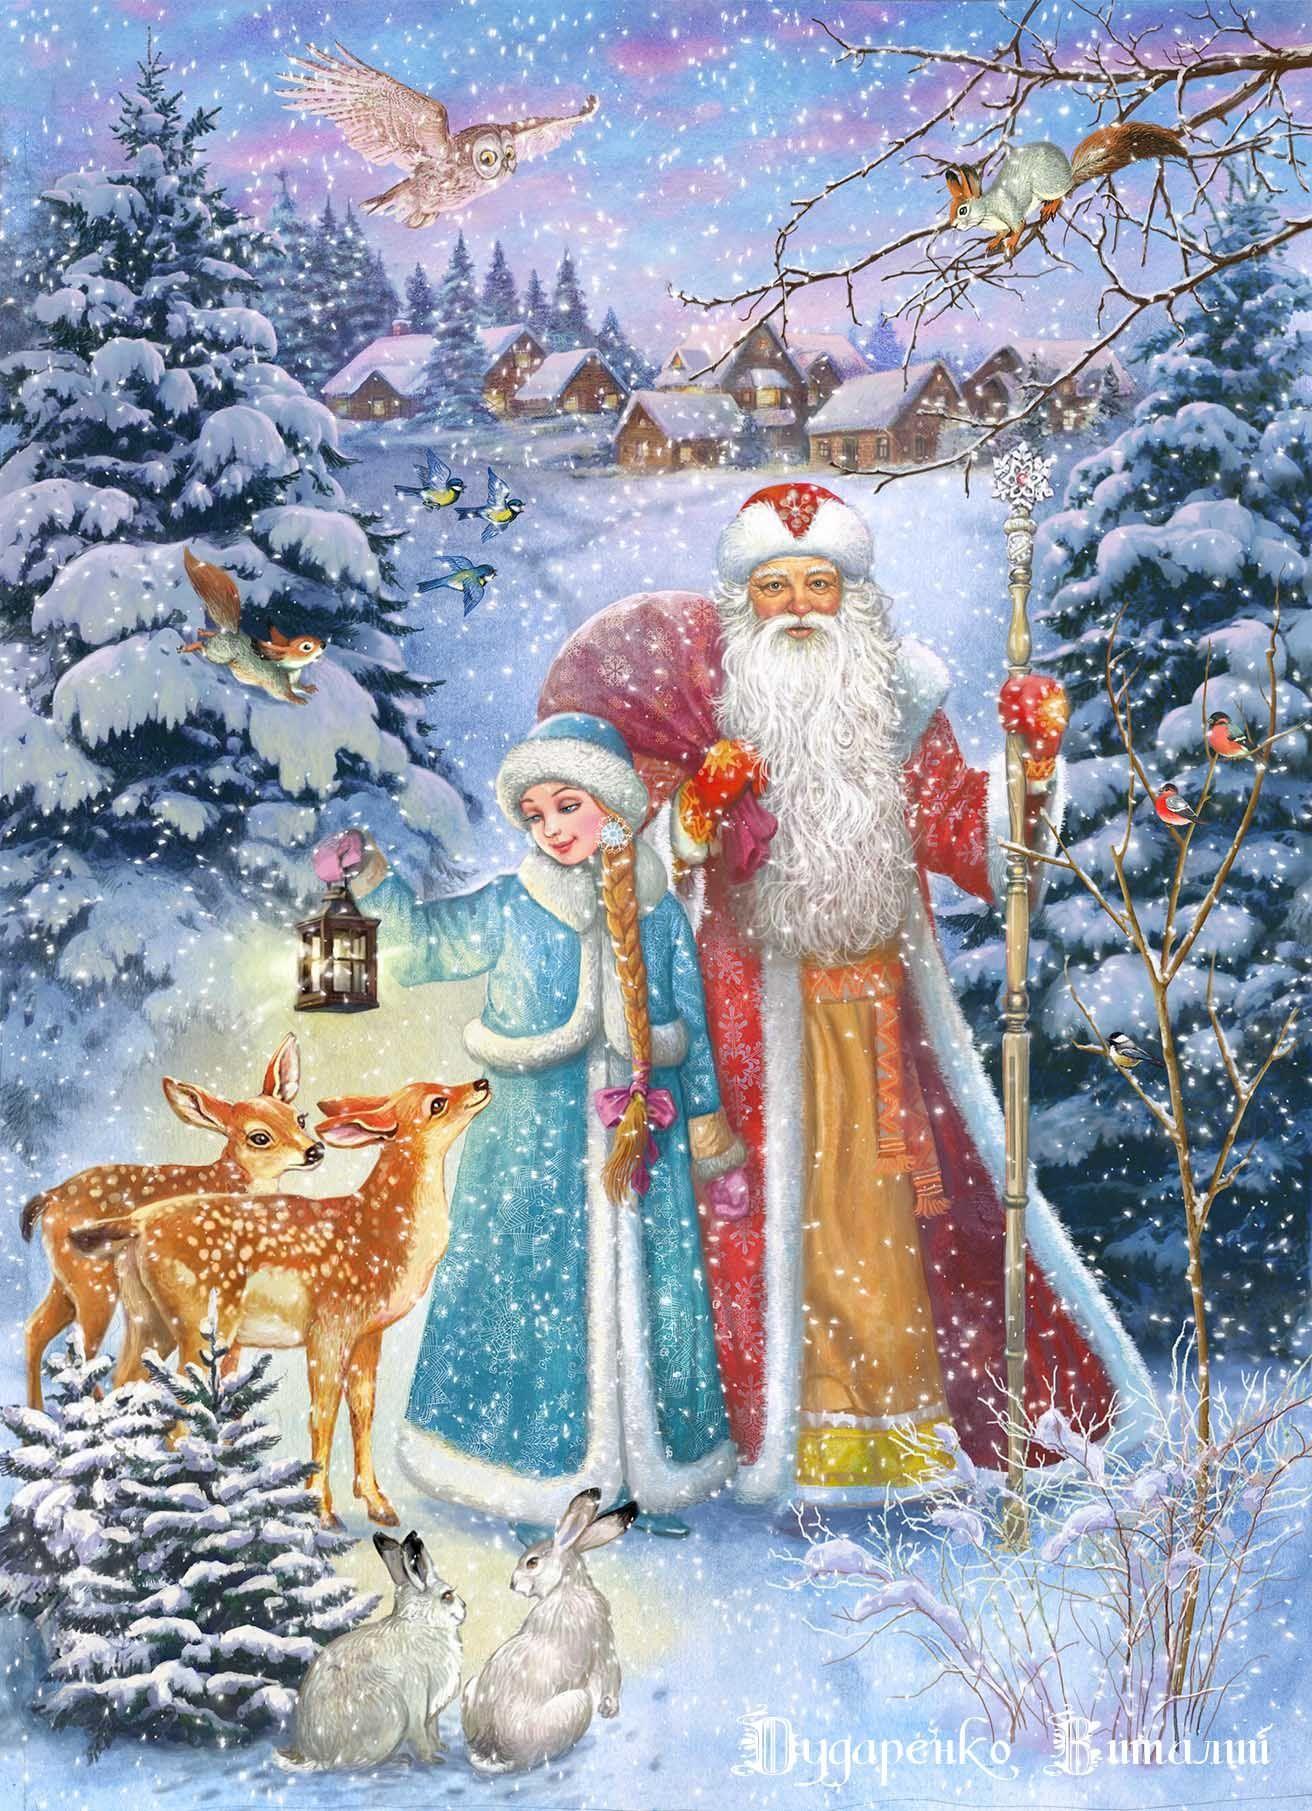 Картинки по запросу Новый год   Винтажные рождественские открытки, Рождественские иллюстрации, Рождественские картинки